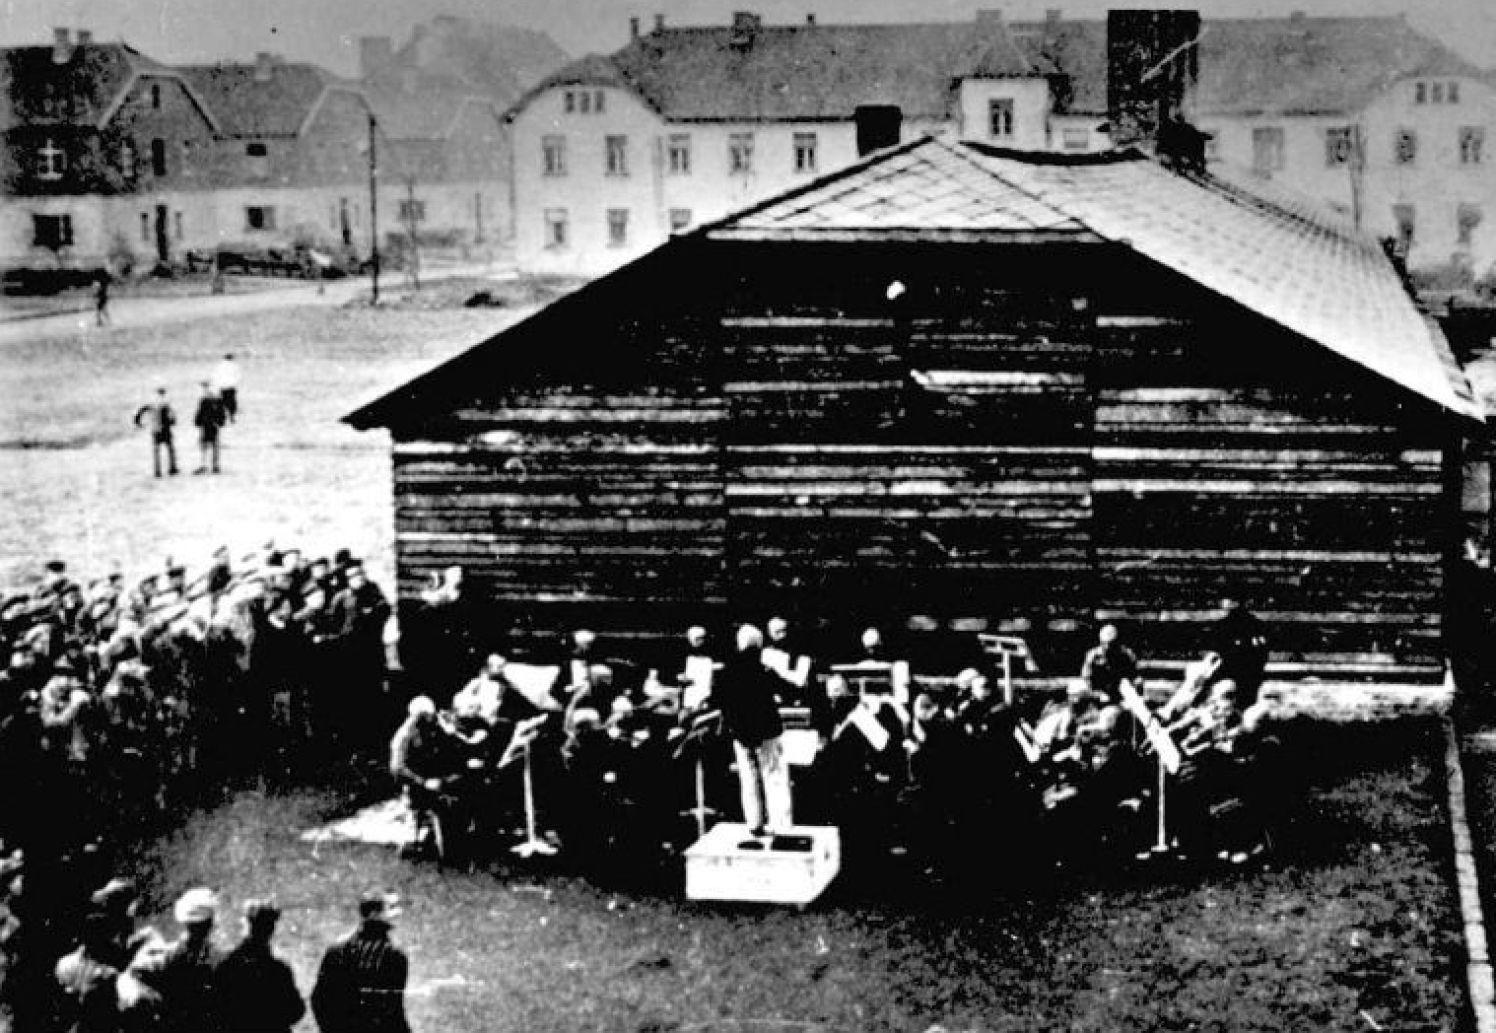 収容所でも囚人による音楽隊が演奏をしていた。だが演奏の目的は囚人たちが円滑に労働したり、ナチスのための演奏だった(Courtesy of JNF UK / PHA GROUP)